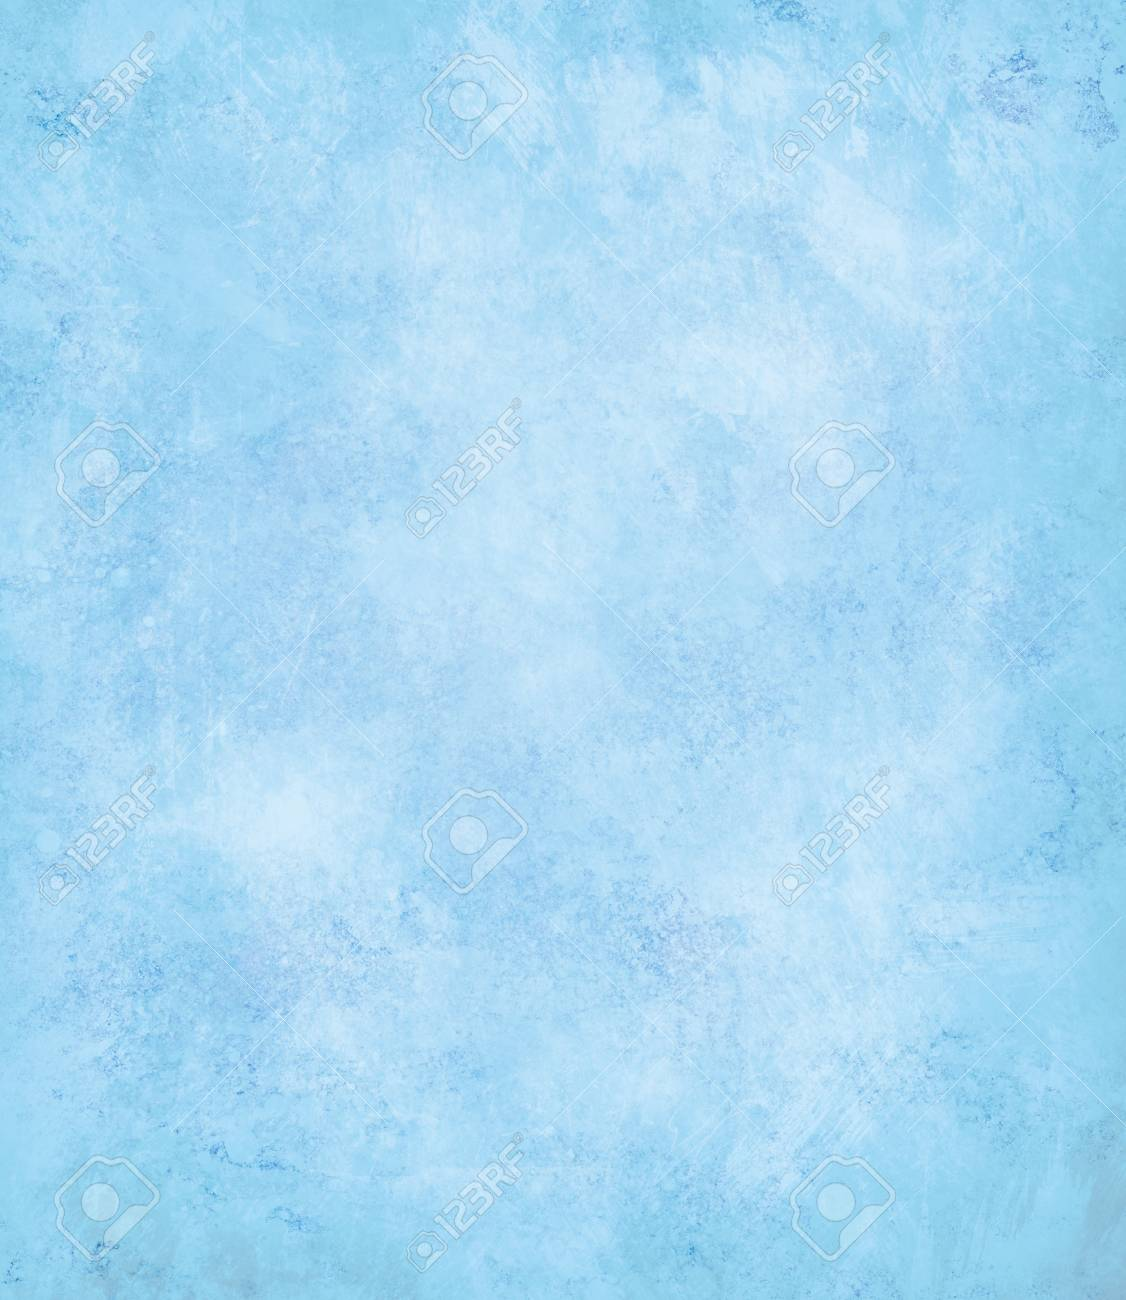 Fond Bleu Ciel Pâle Avec Texture Grunge De Fond Vintage Pastel Doux